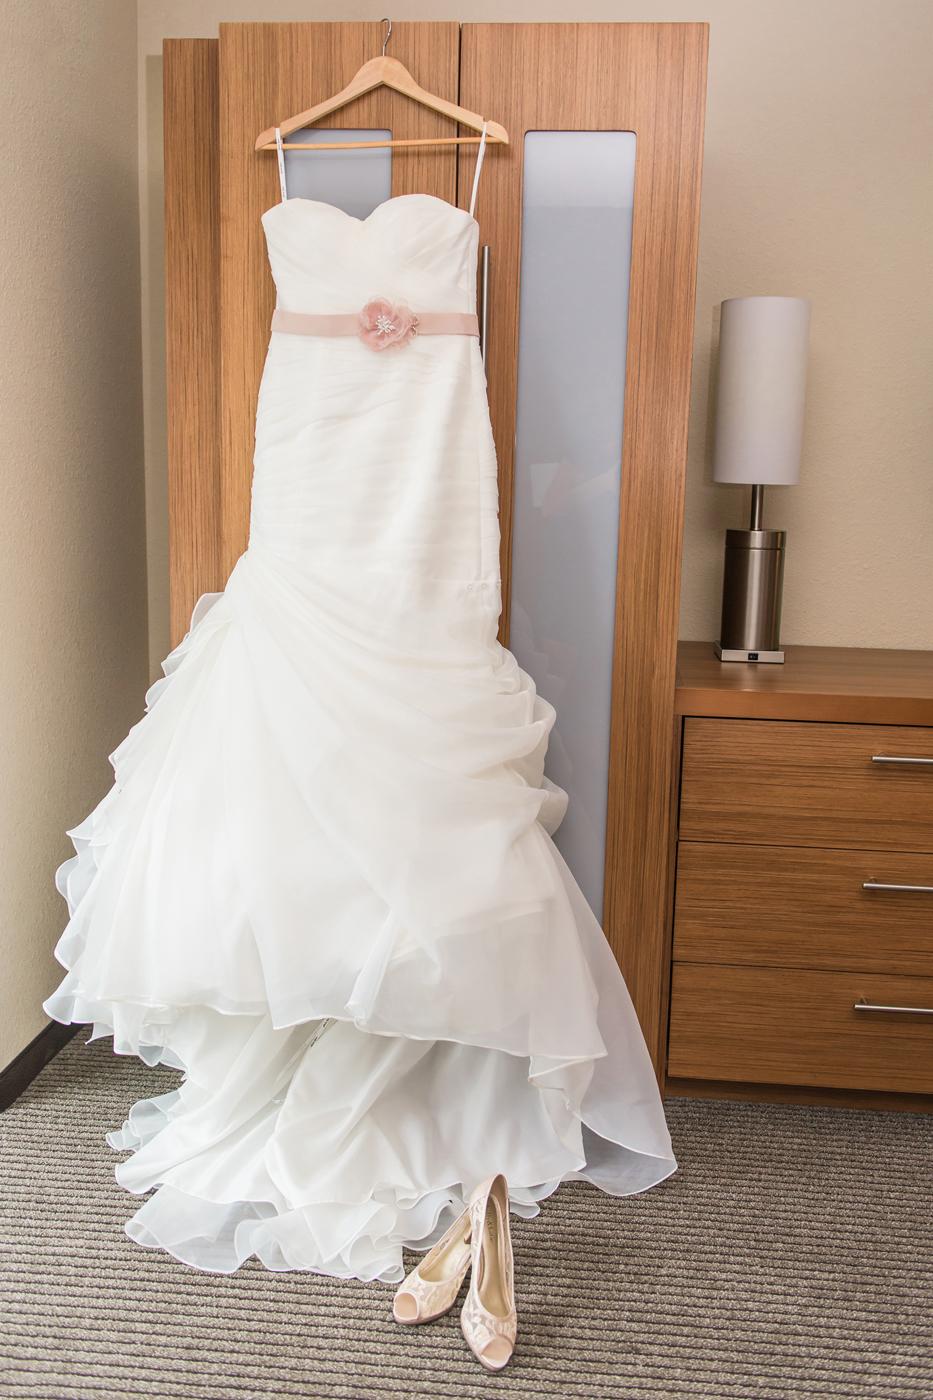 012-0034-jse-wedding-baltimore-3634